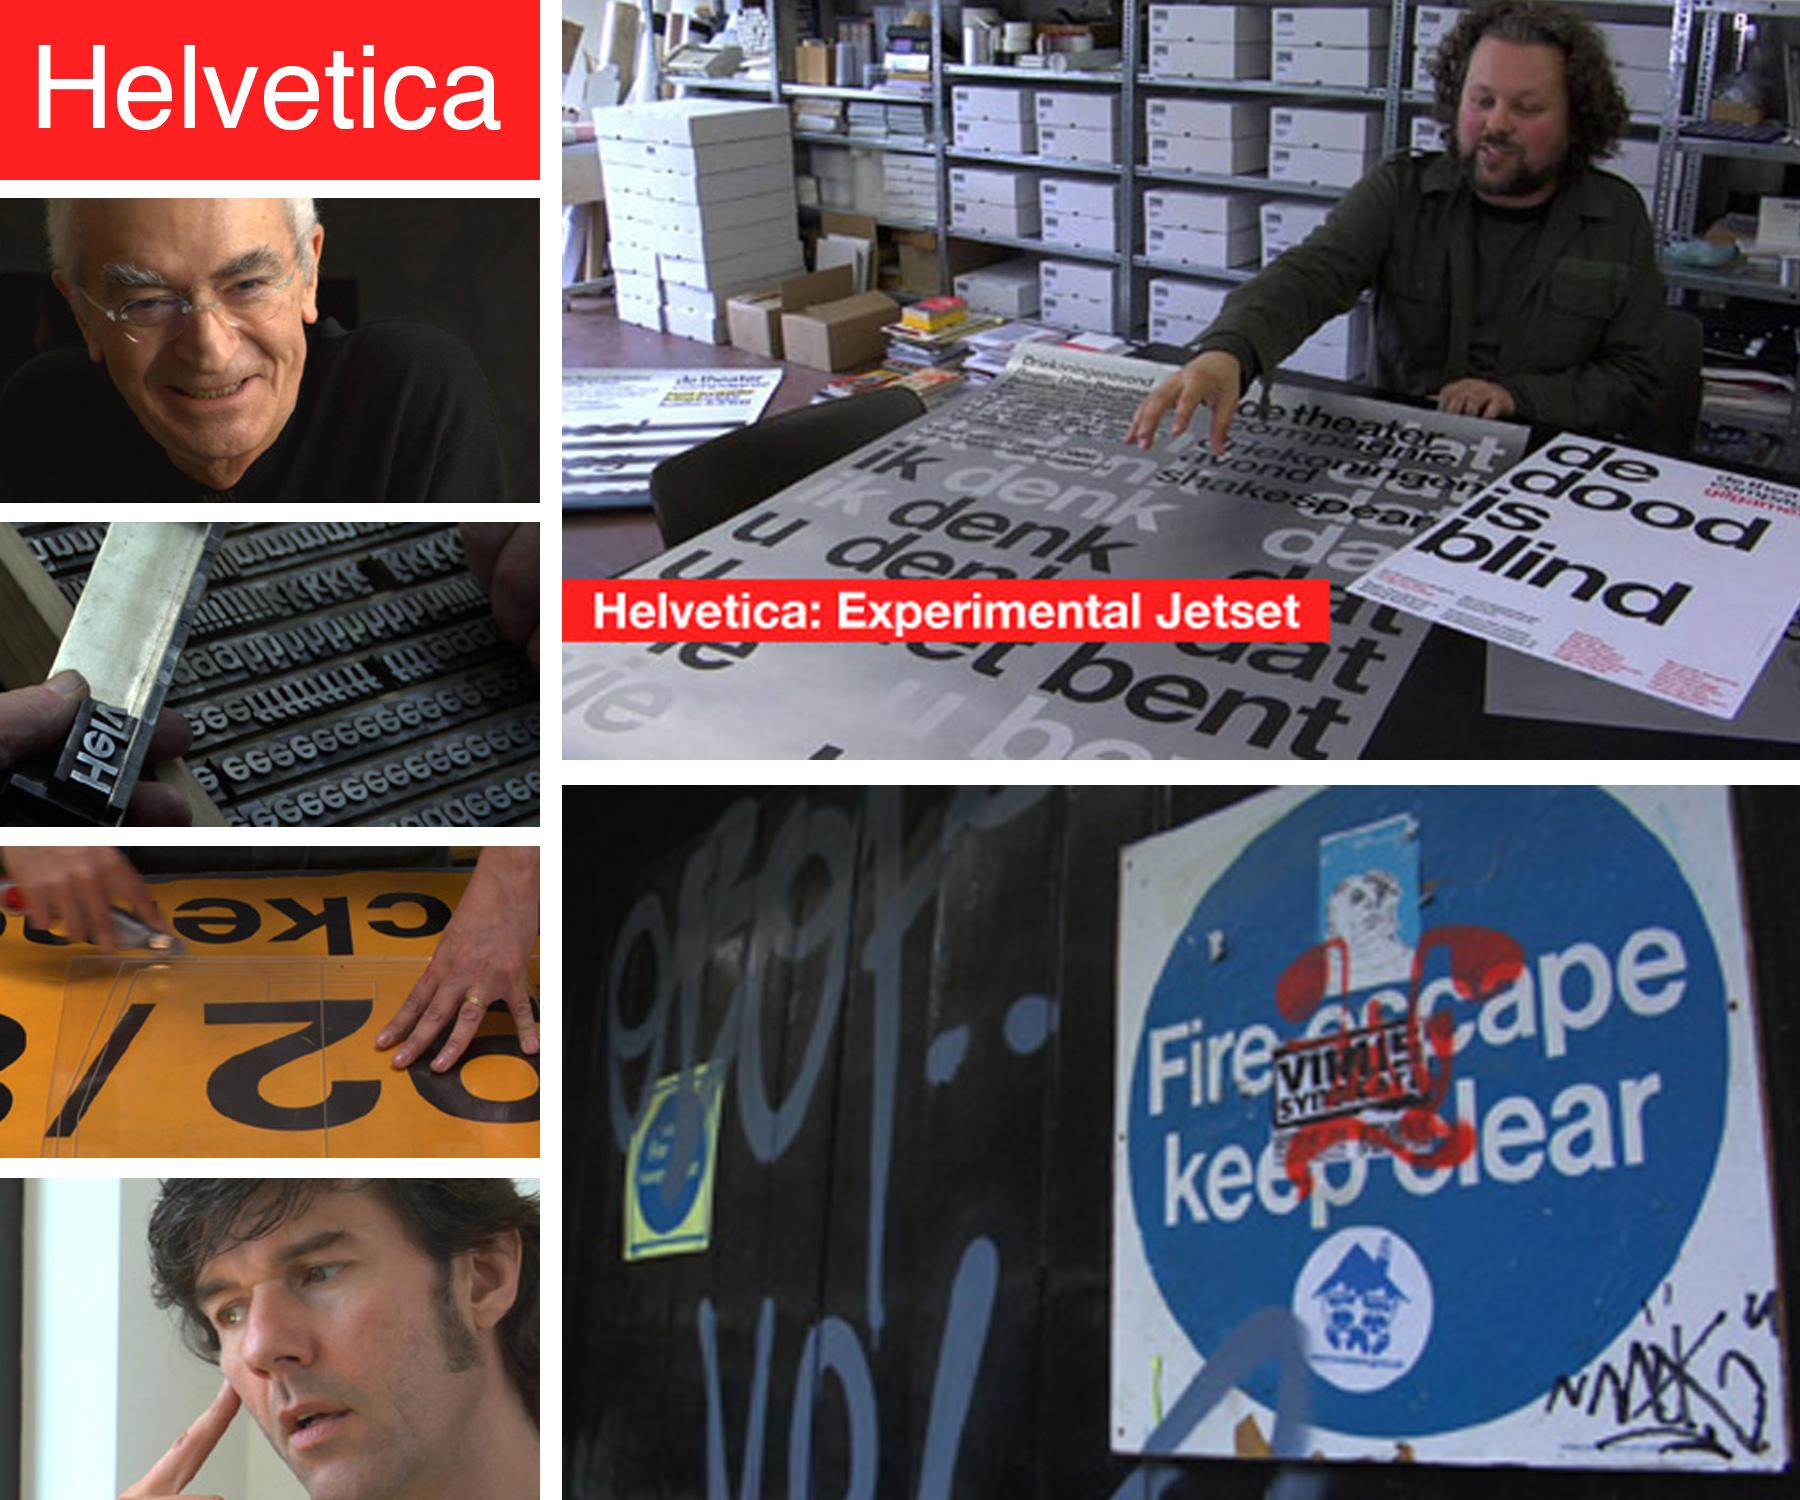 Helvetica: The Movie